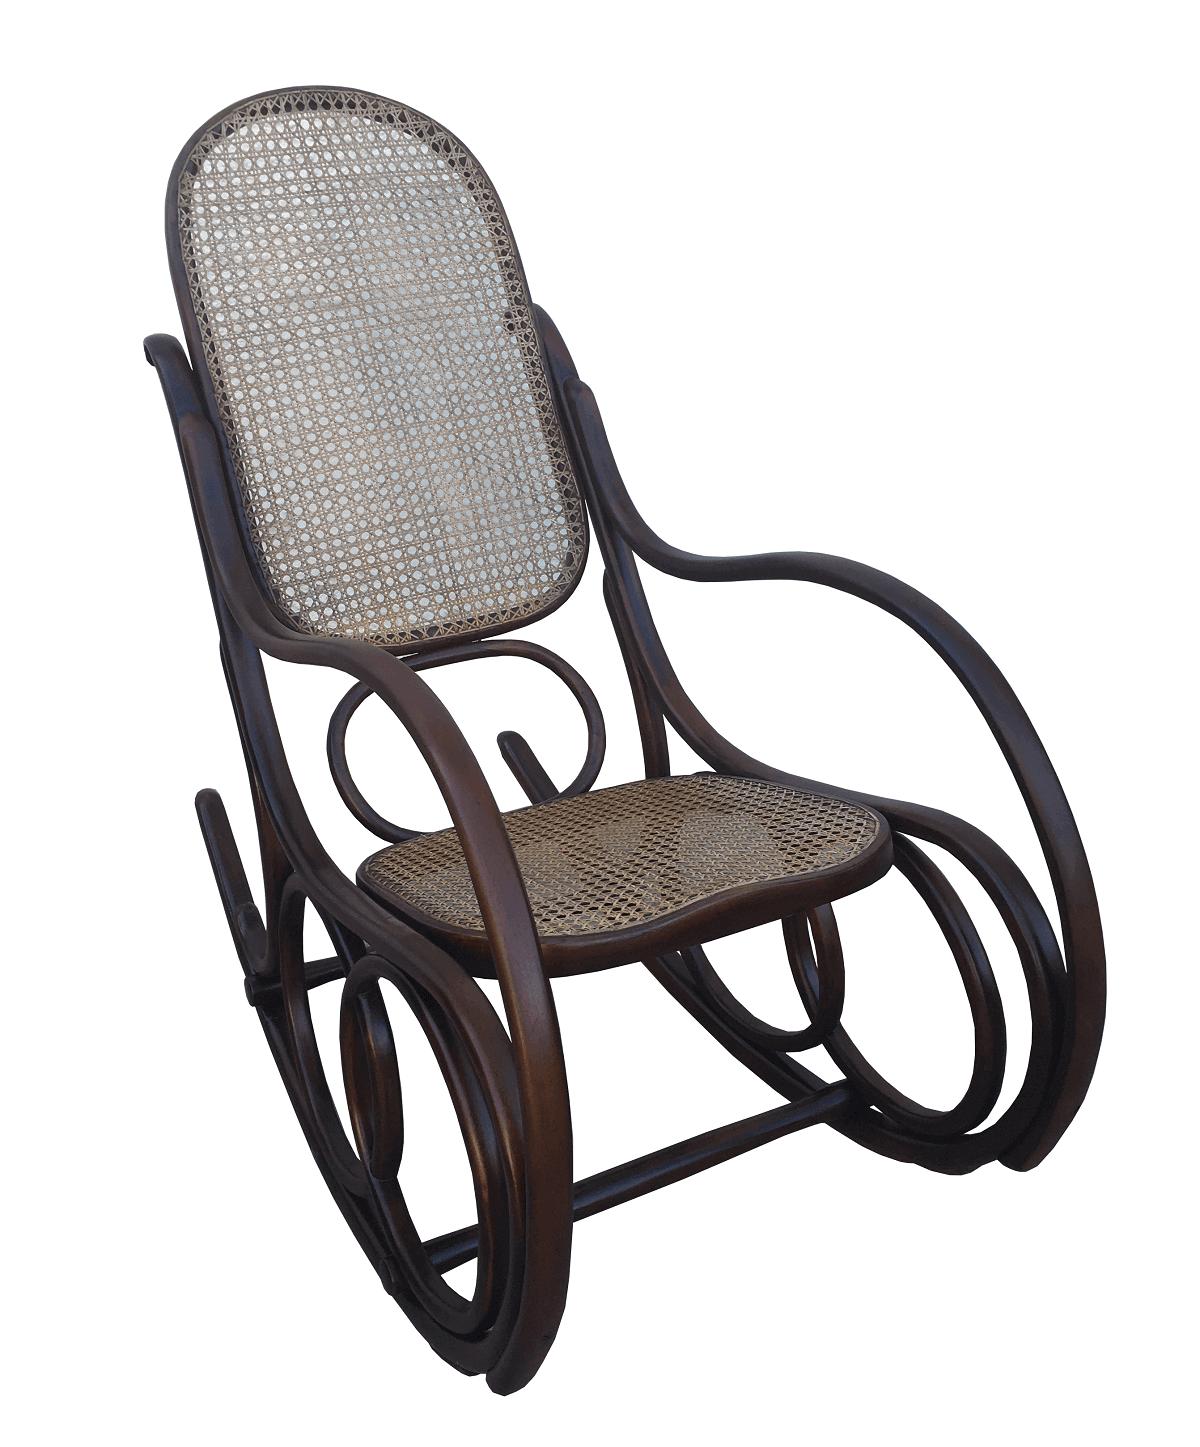 Antiga Cadeira De Balanço Austriaca Thonet Palhinha